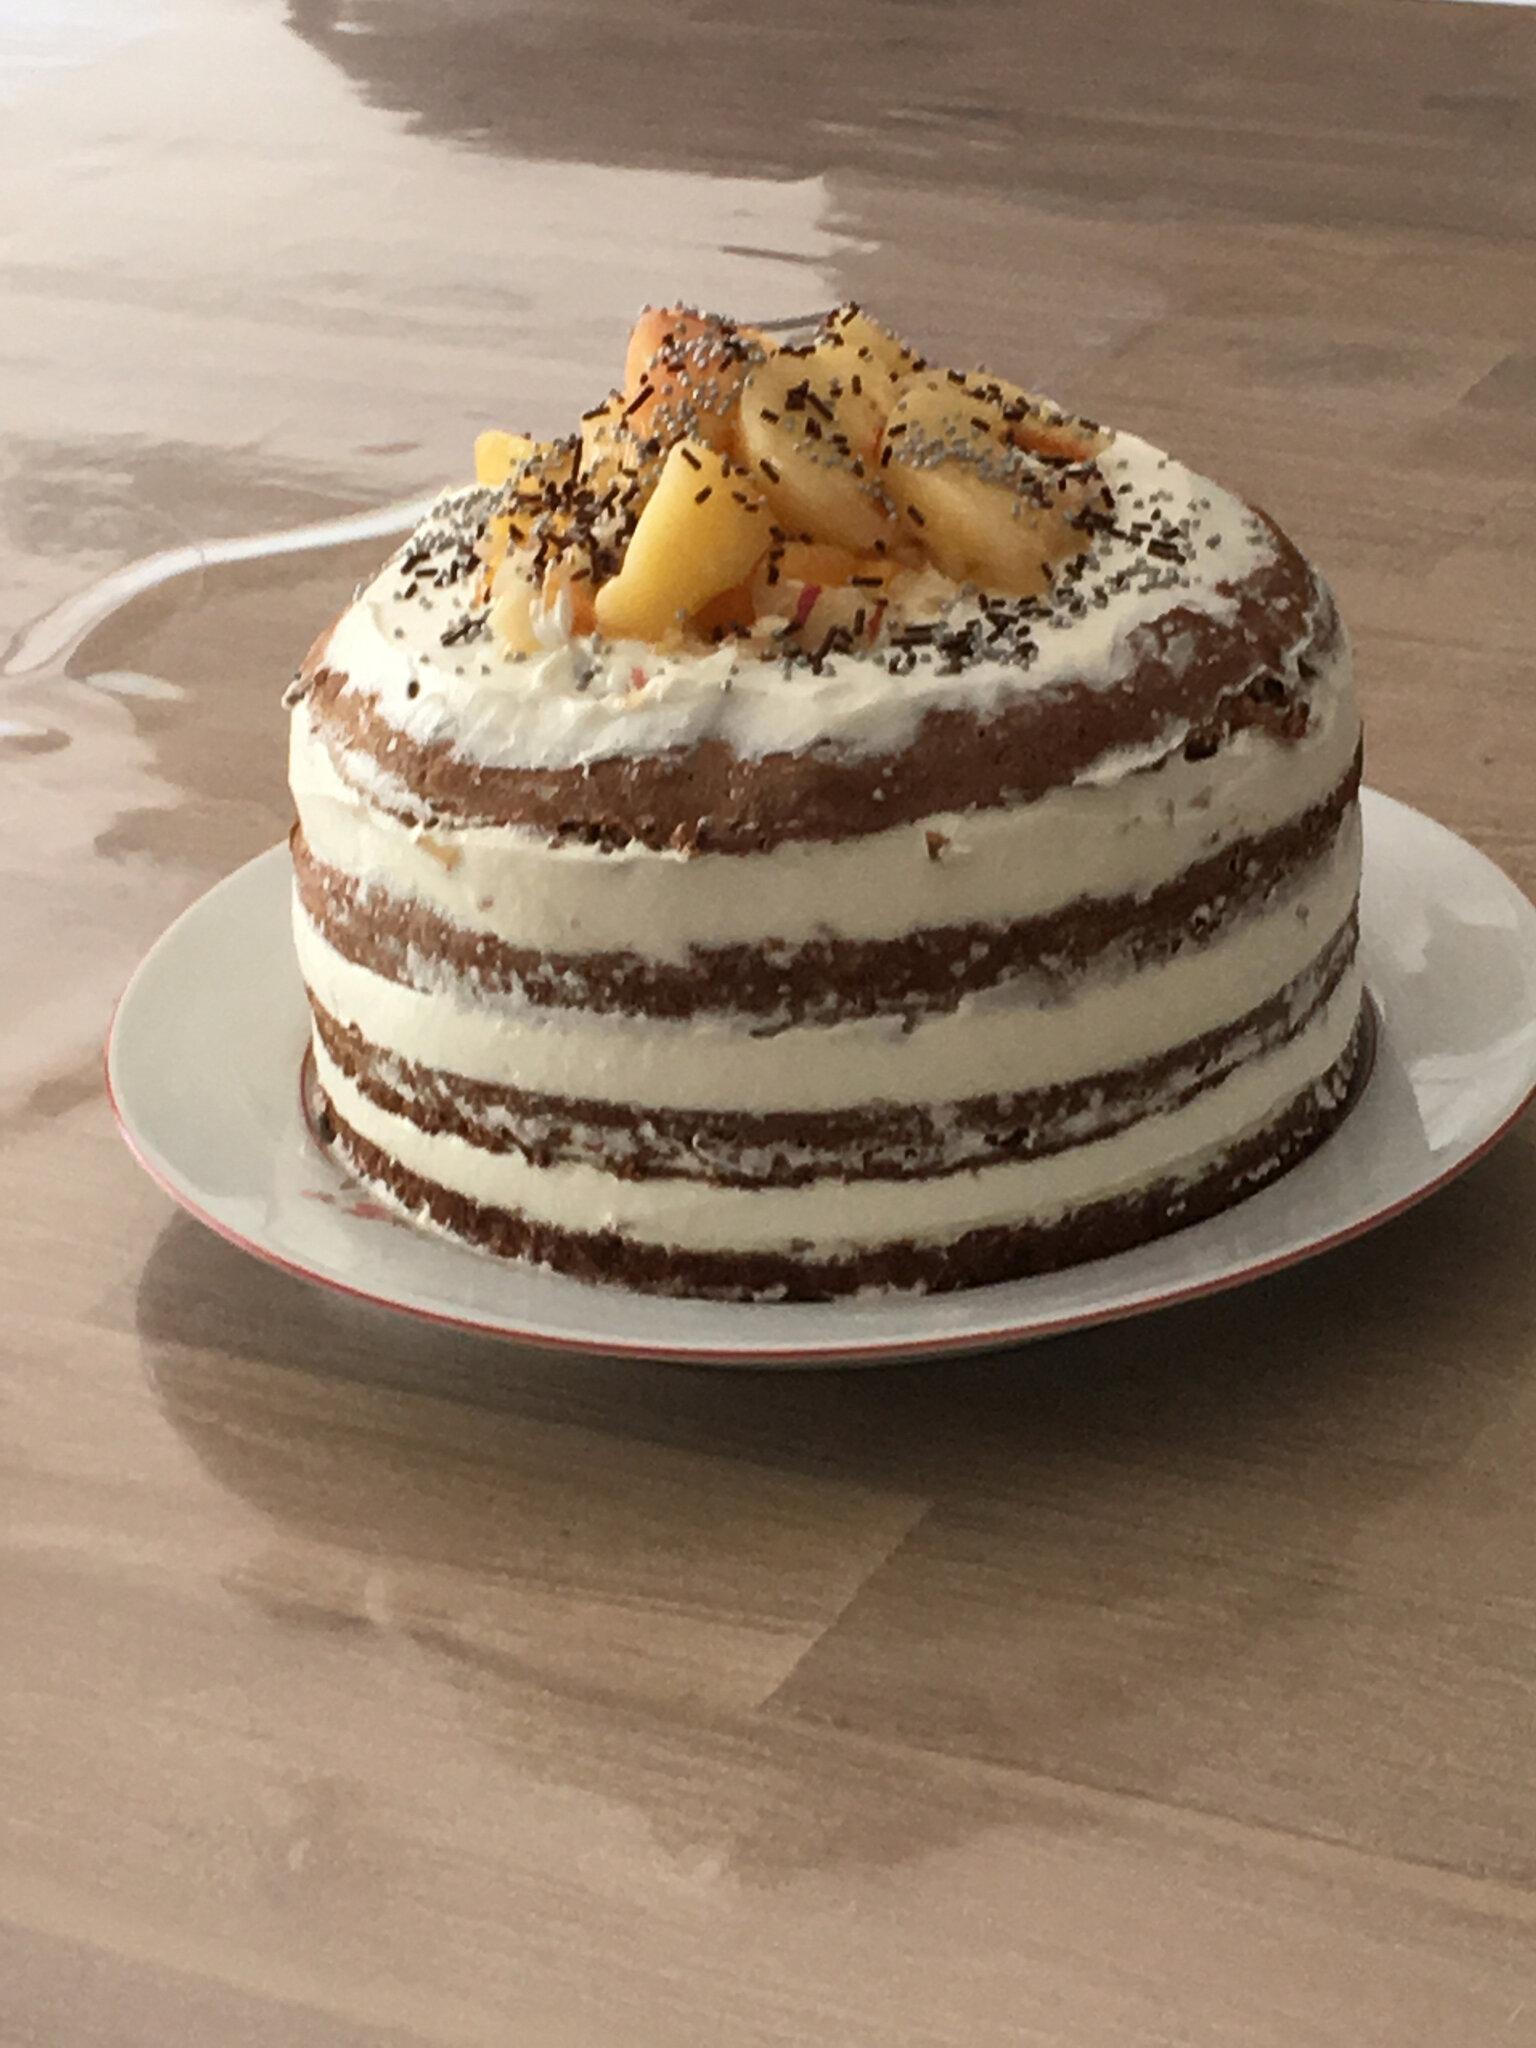 Nuked cake